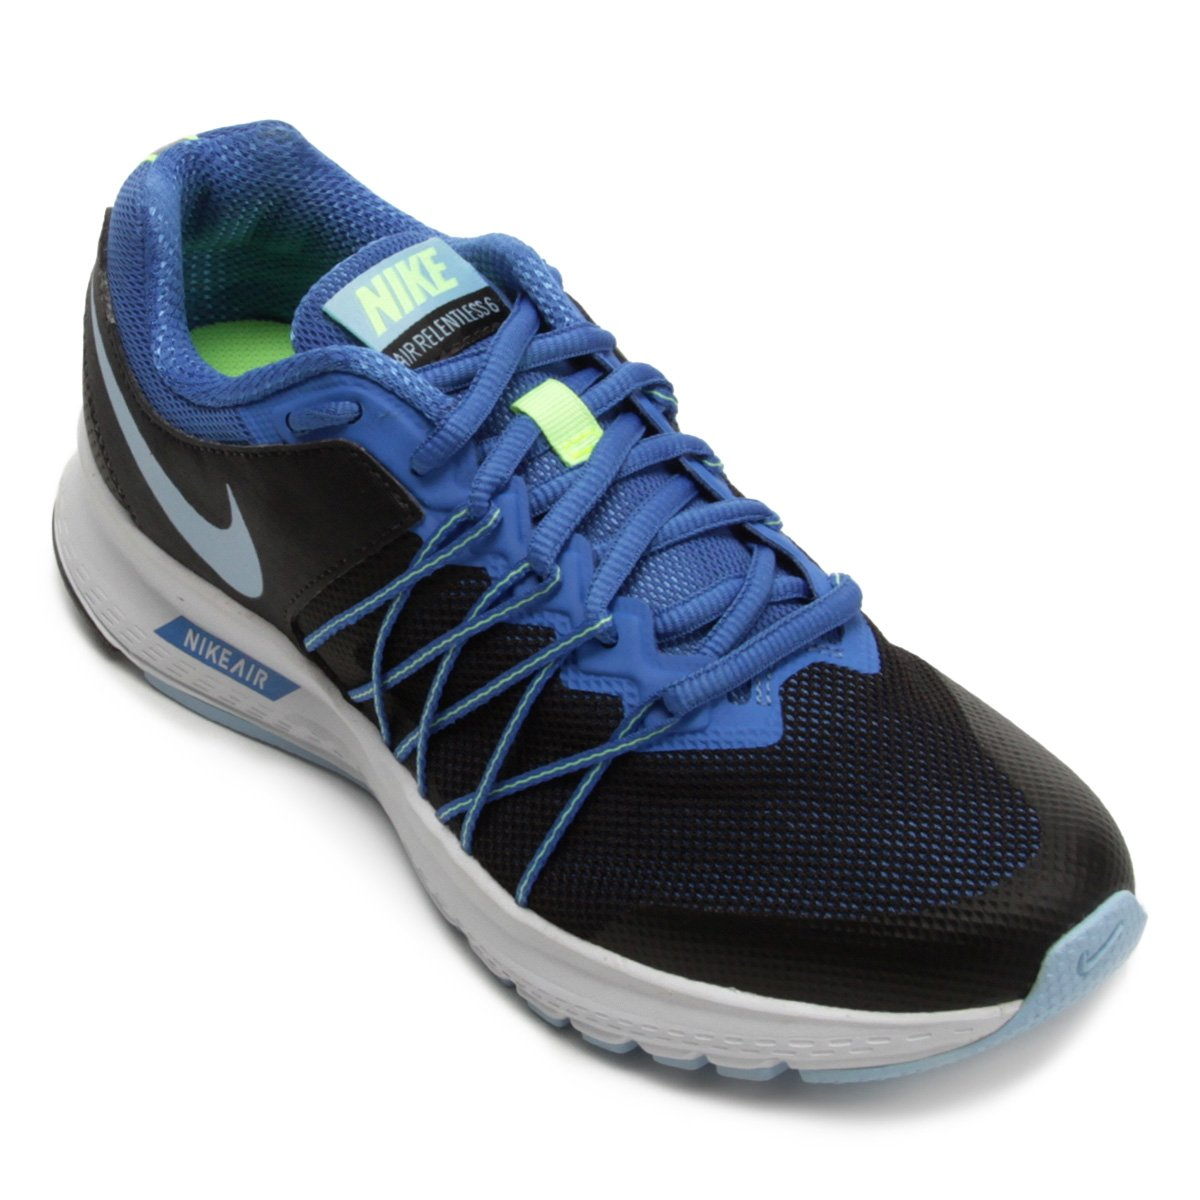 05991e93cea Tênis Nike Air Relentless 6 MSL Feminino - Preto e Azul - Compre Agora